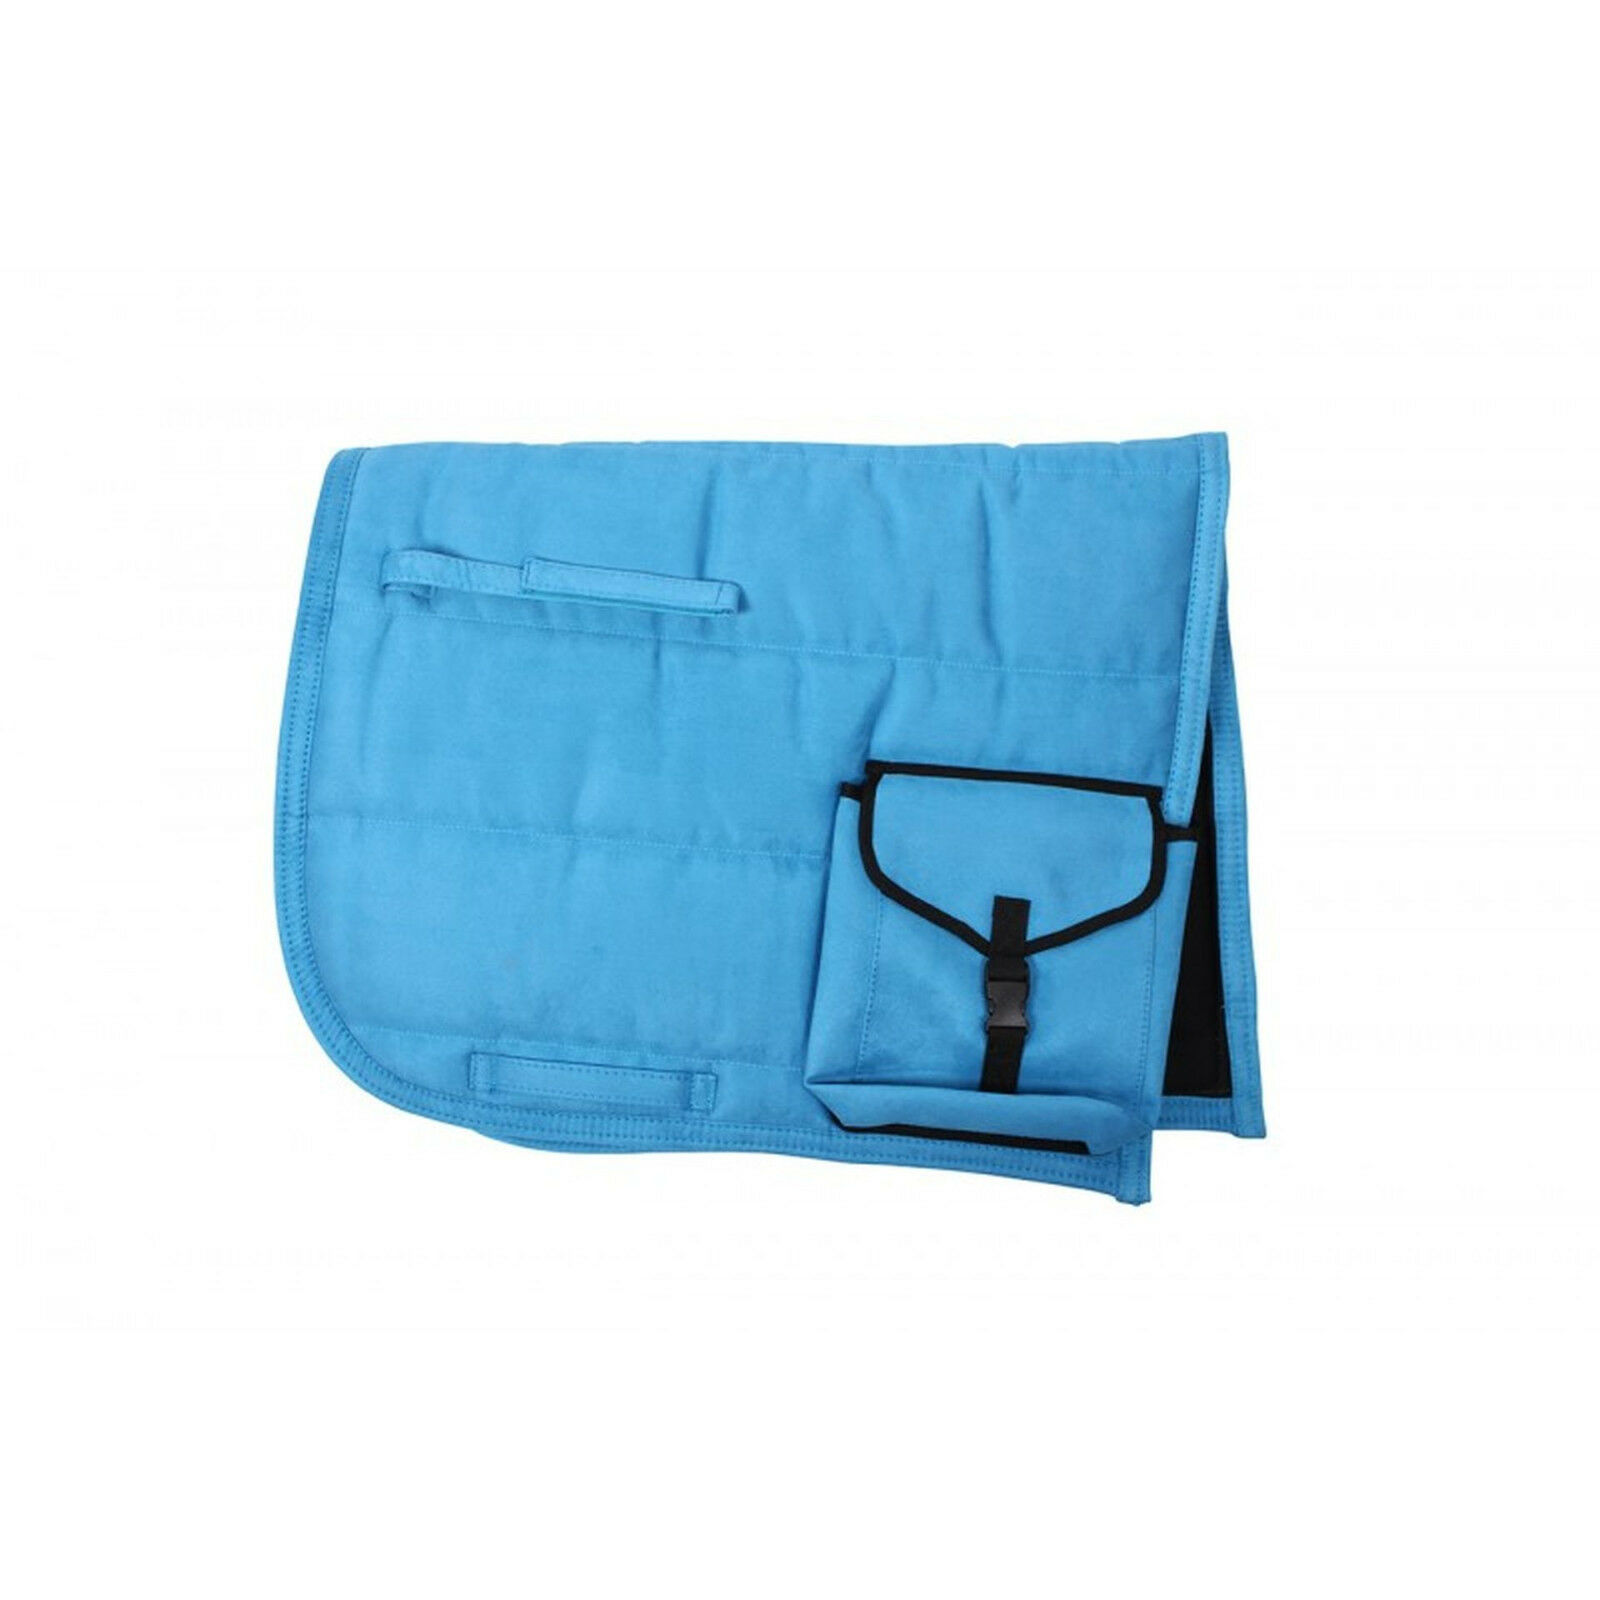 Qhp Sattelpad PUFF Pad con borsa Suedine FONOASSORBENTI inferiore molti Coloreeei